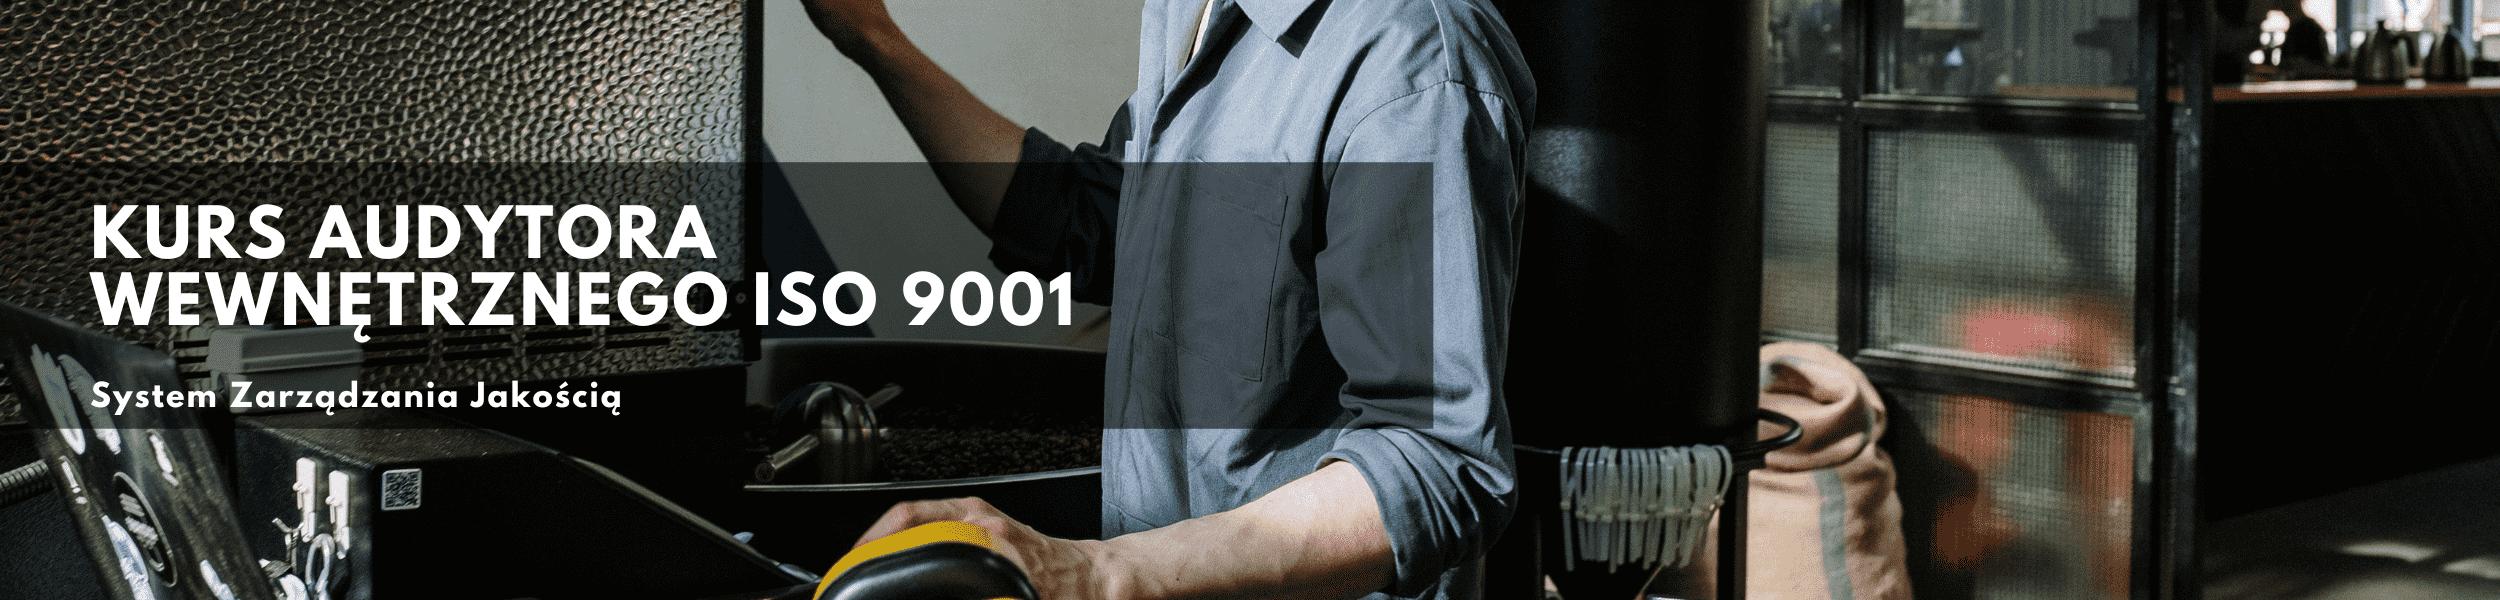 Kurs audytora wewnętrznego iso 9001